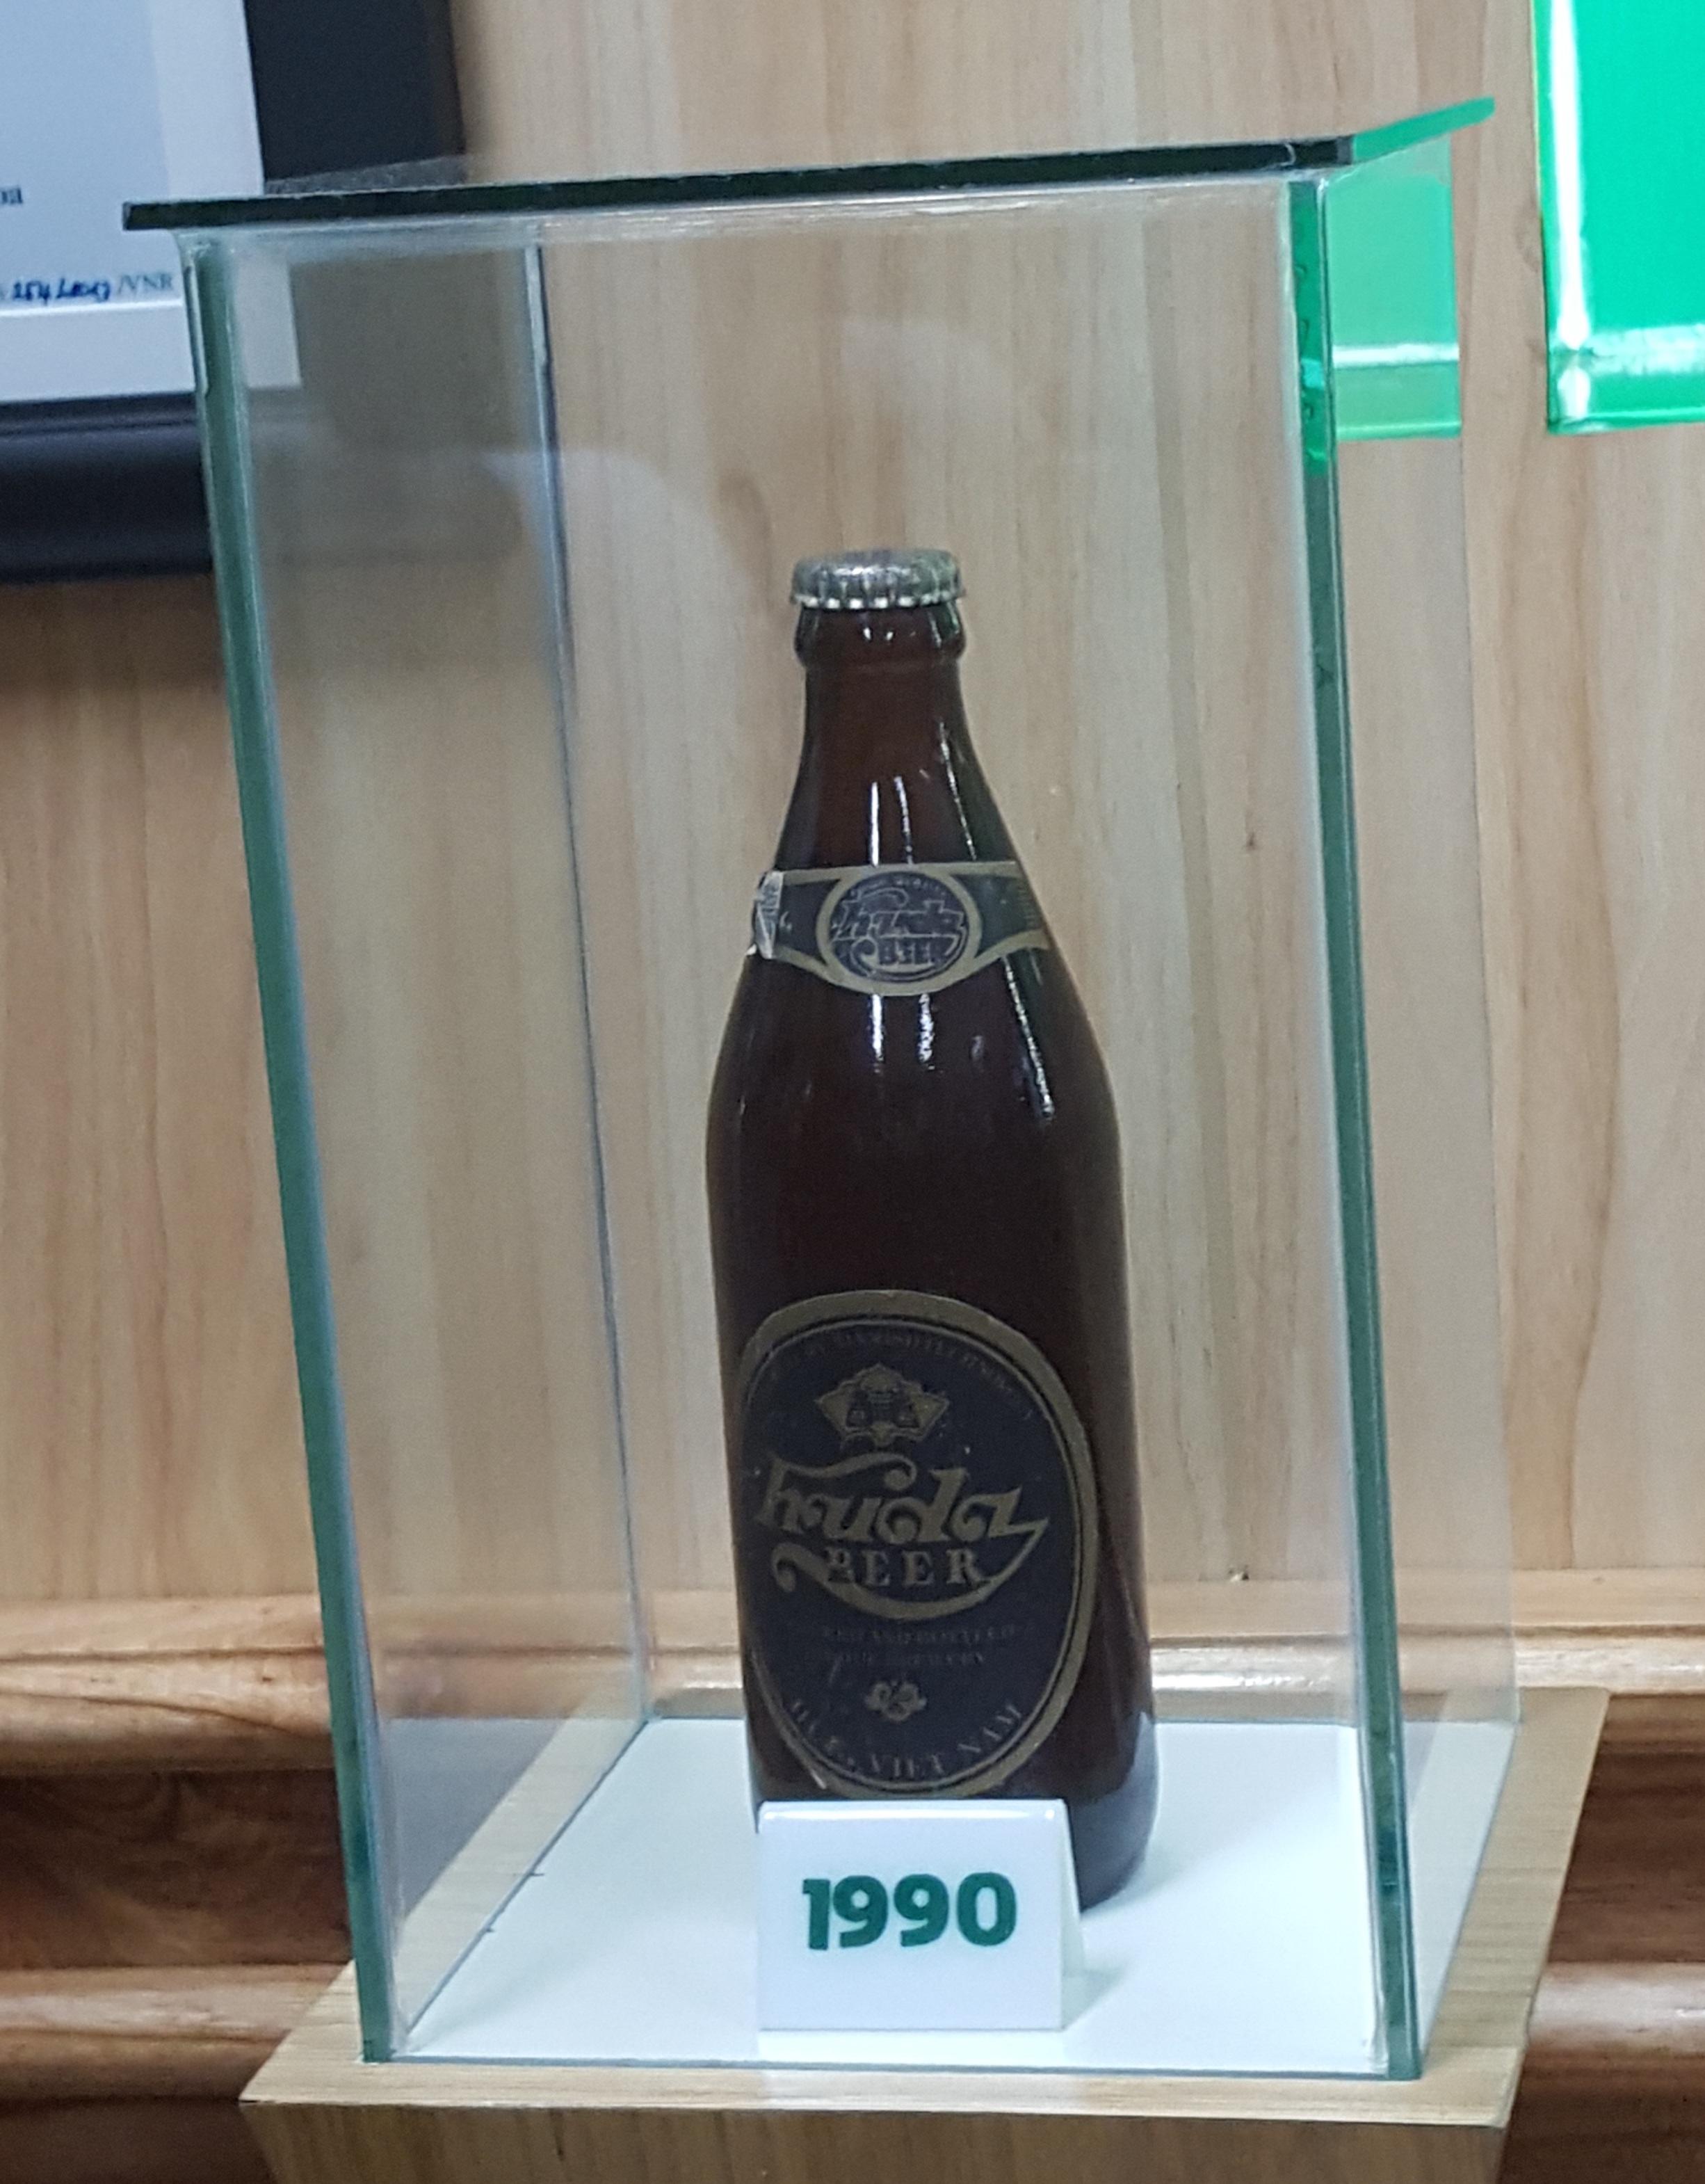 Vỏ lon bia Huda sản xuất từ năm 1990